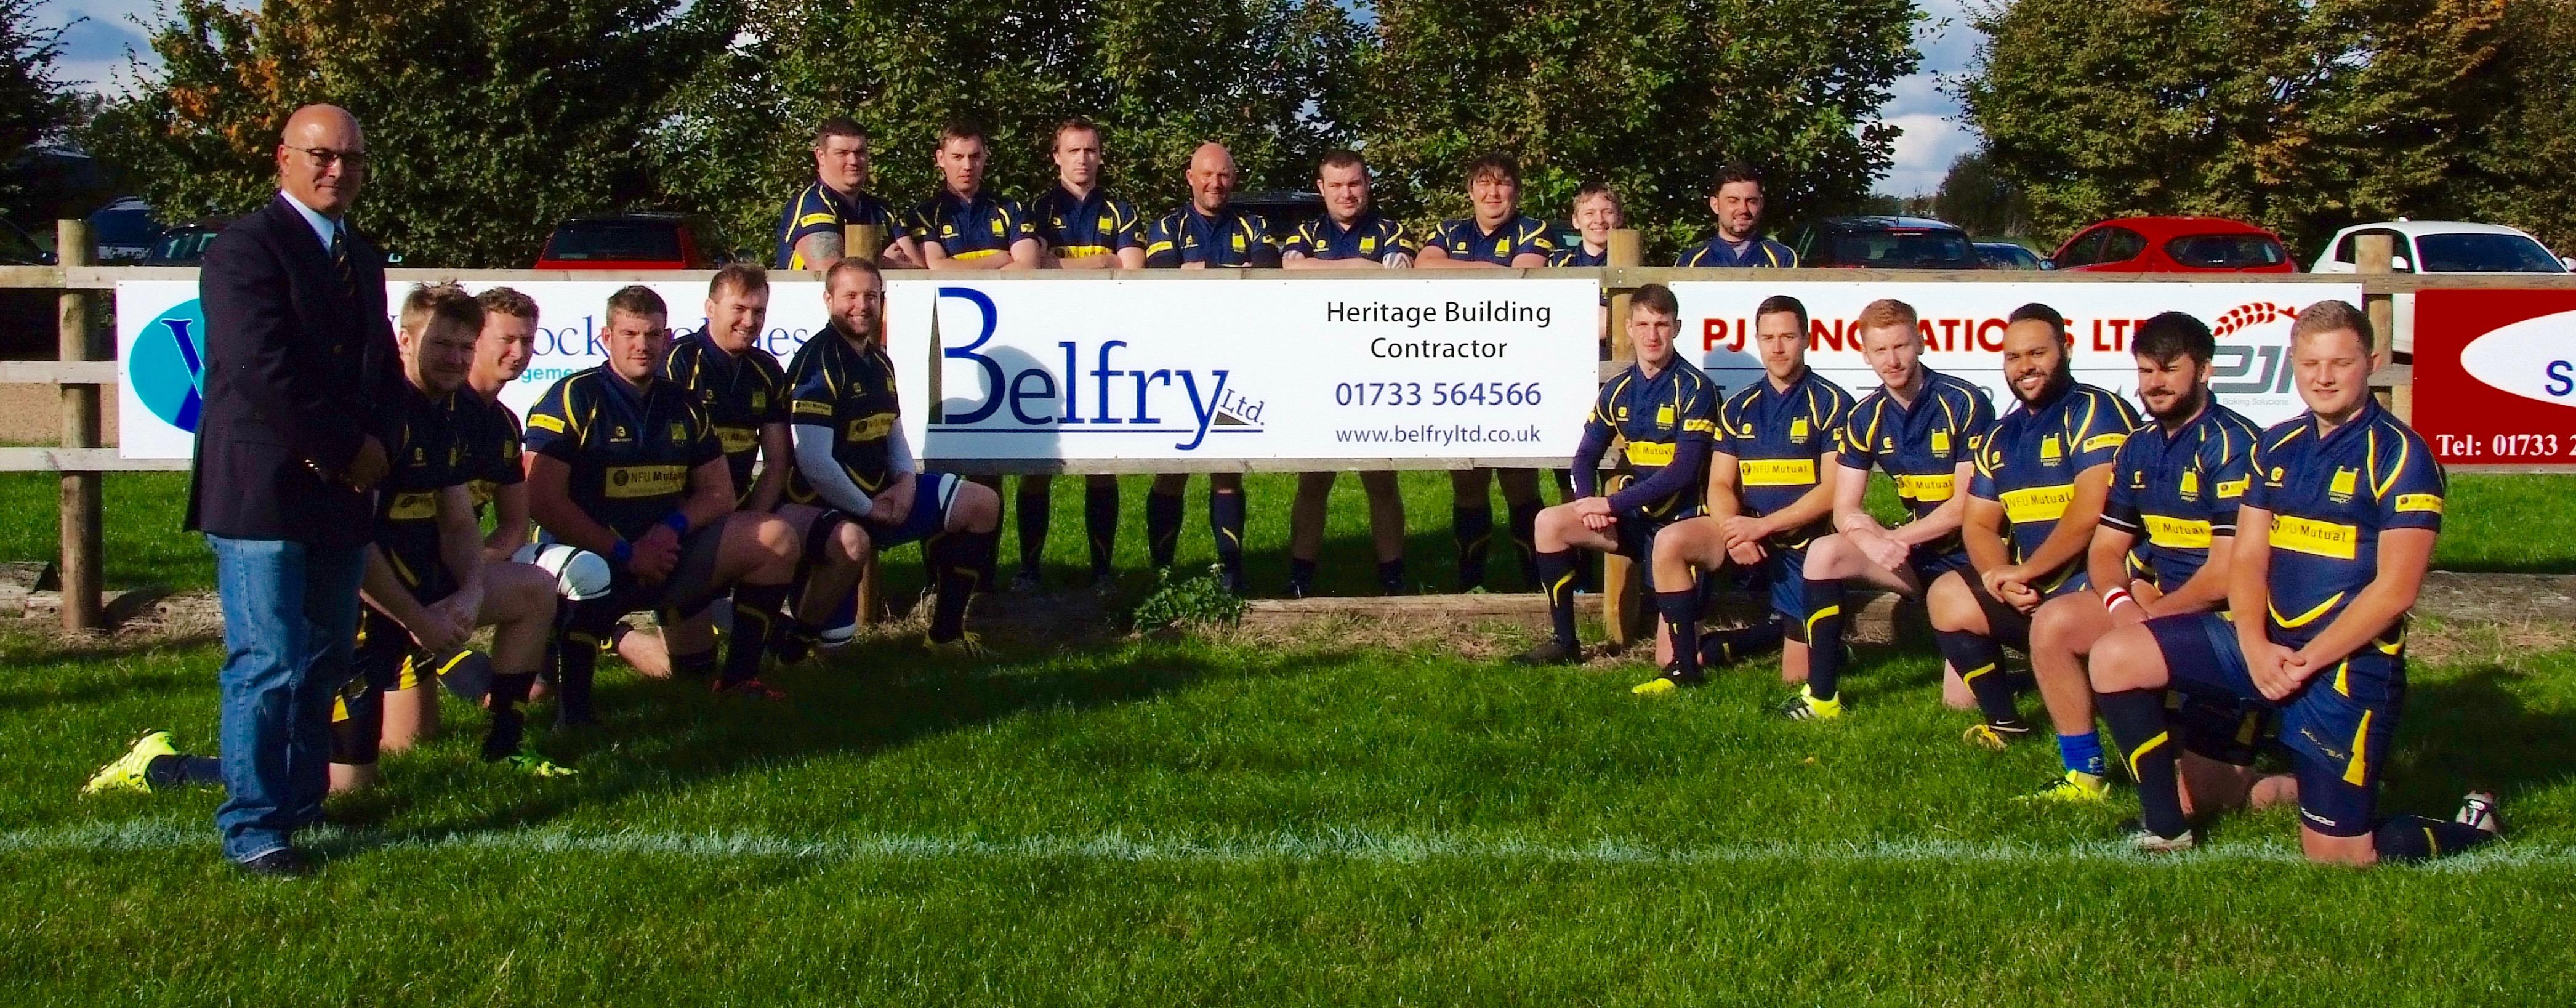 Belfry Ltd